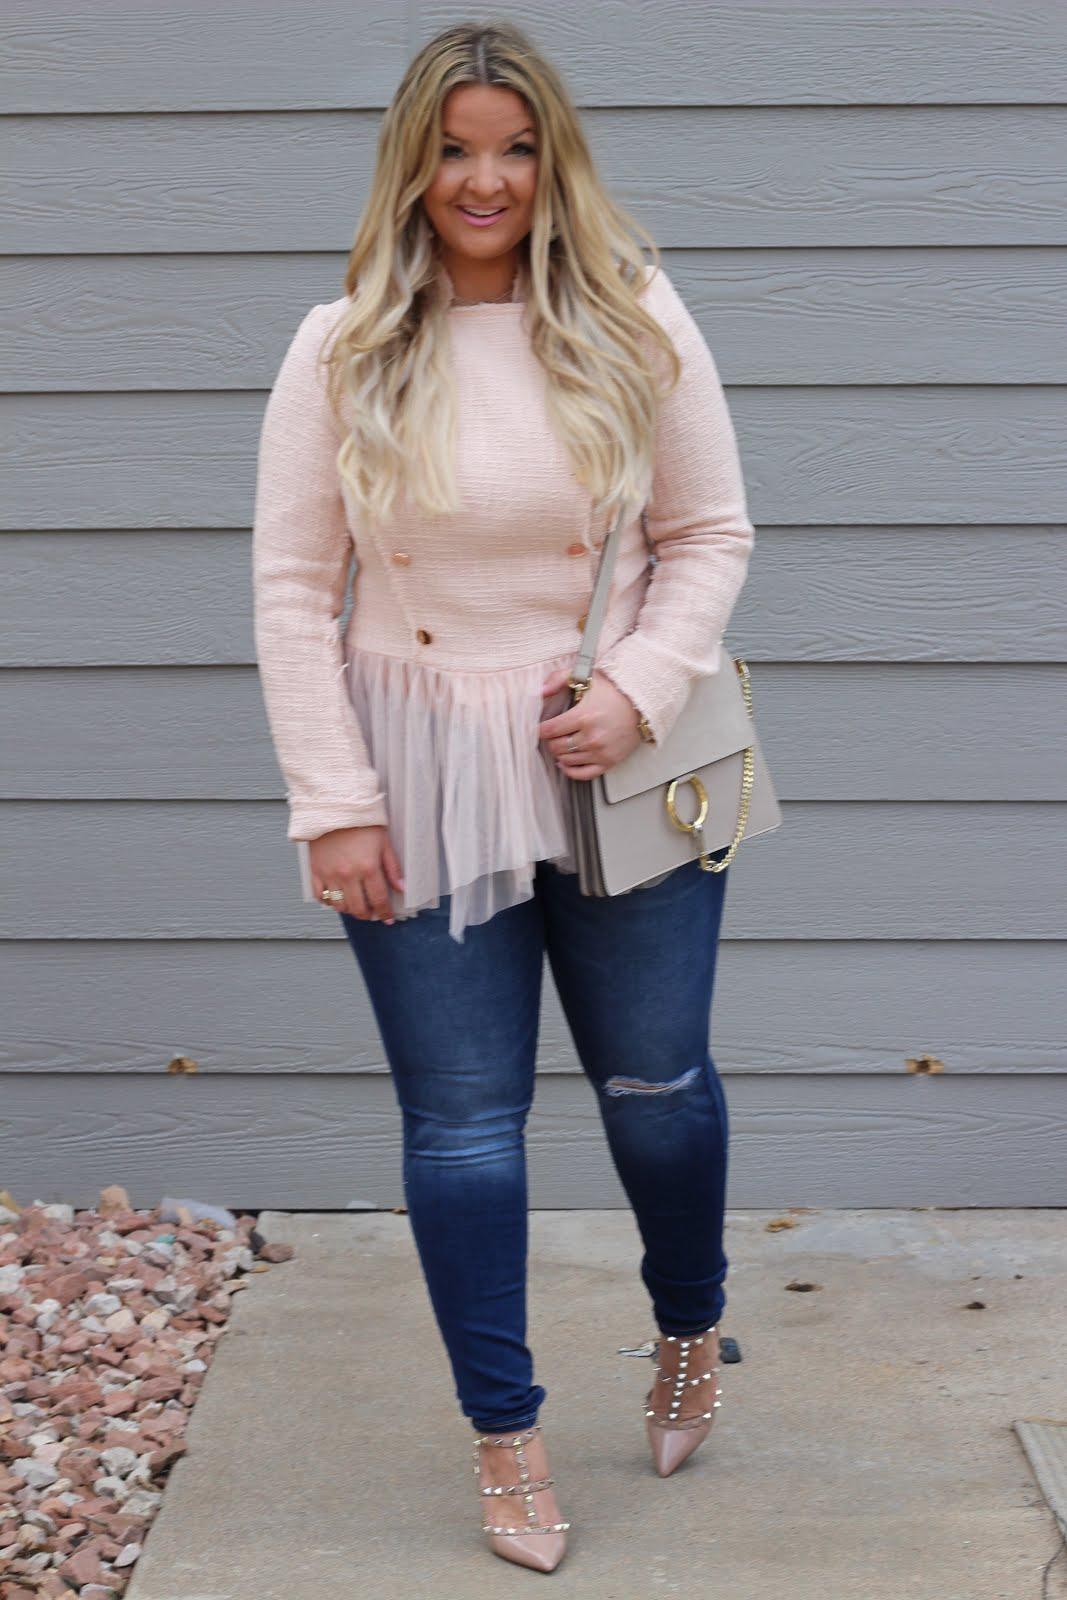 ballerina jacket  styled by popular Denver fashion blogger, Delayna Denaye